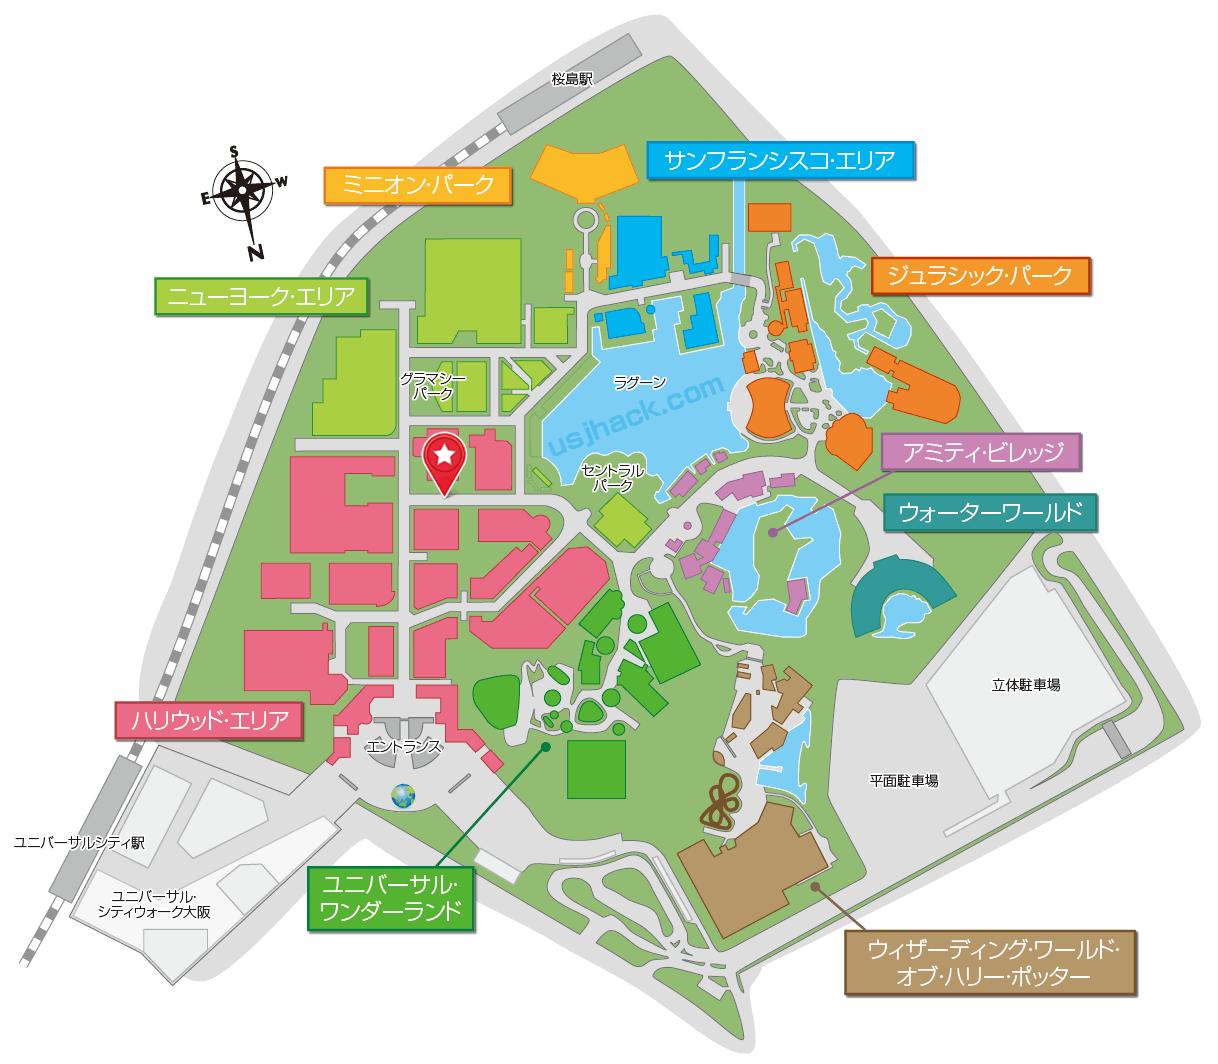 マップで確認する「ターンアップザストリート」の開催場所